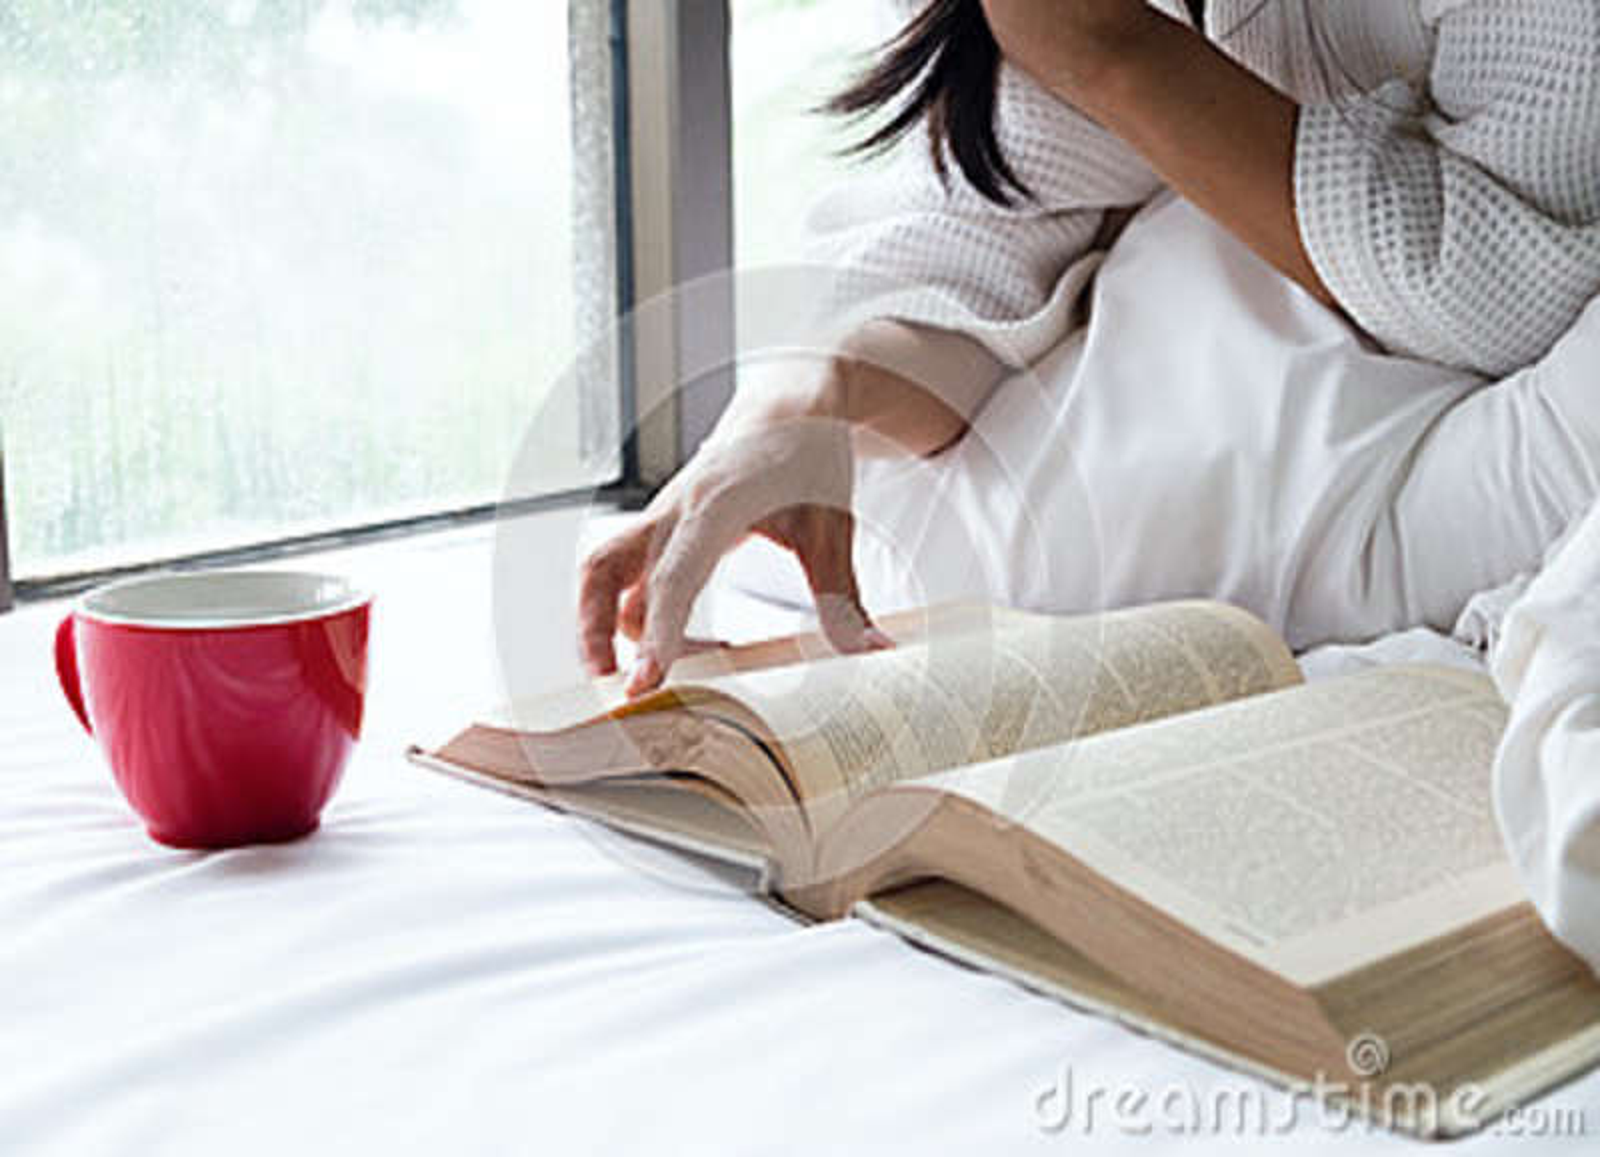 Frau entspannen sich und Lesung auf dem Bett mit altem Buch